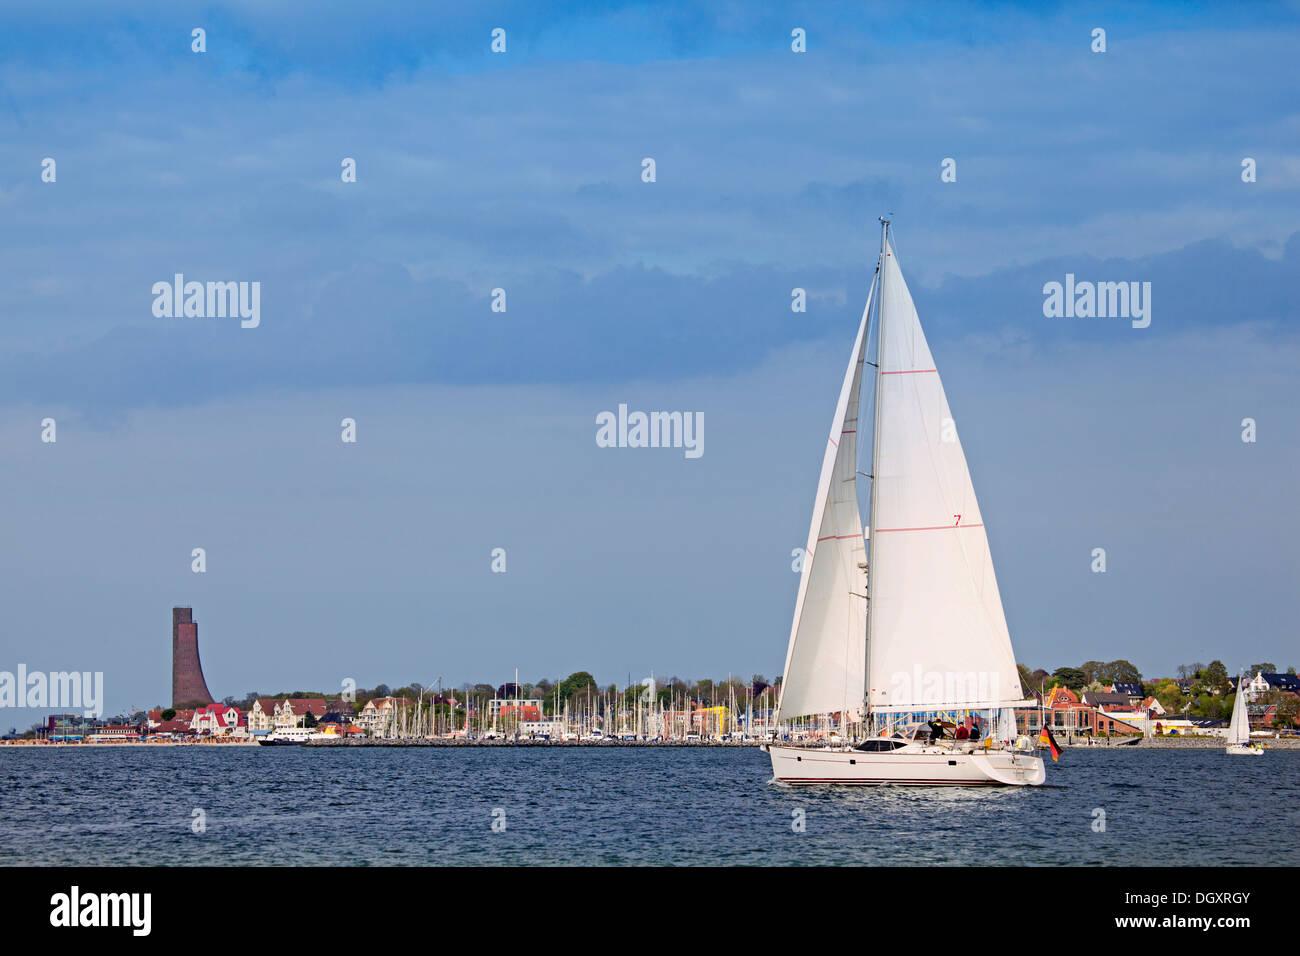 Sailboat on the Baltic Sea near Kiel, Germany - Stock Image